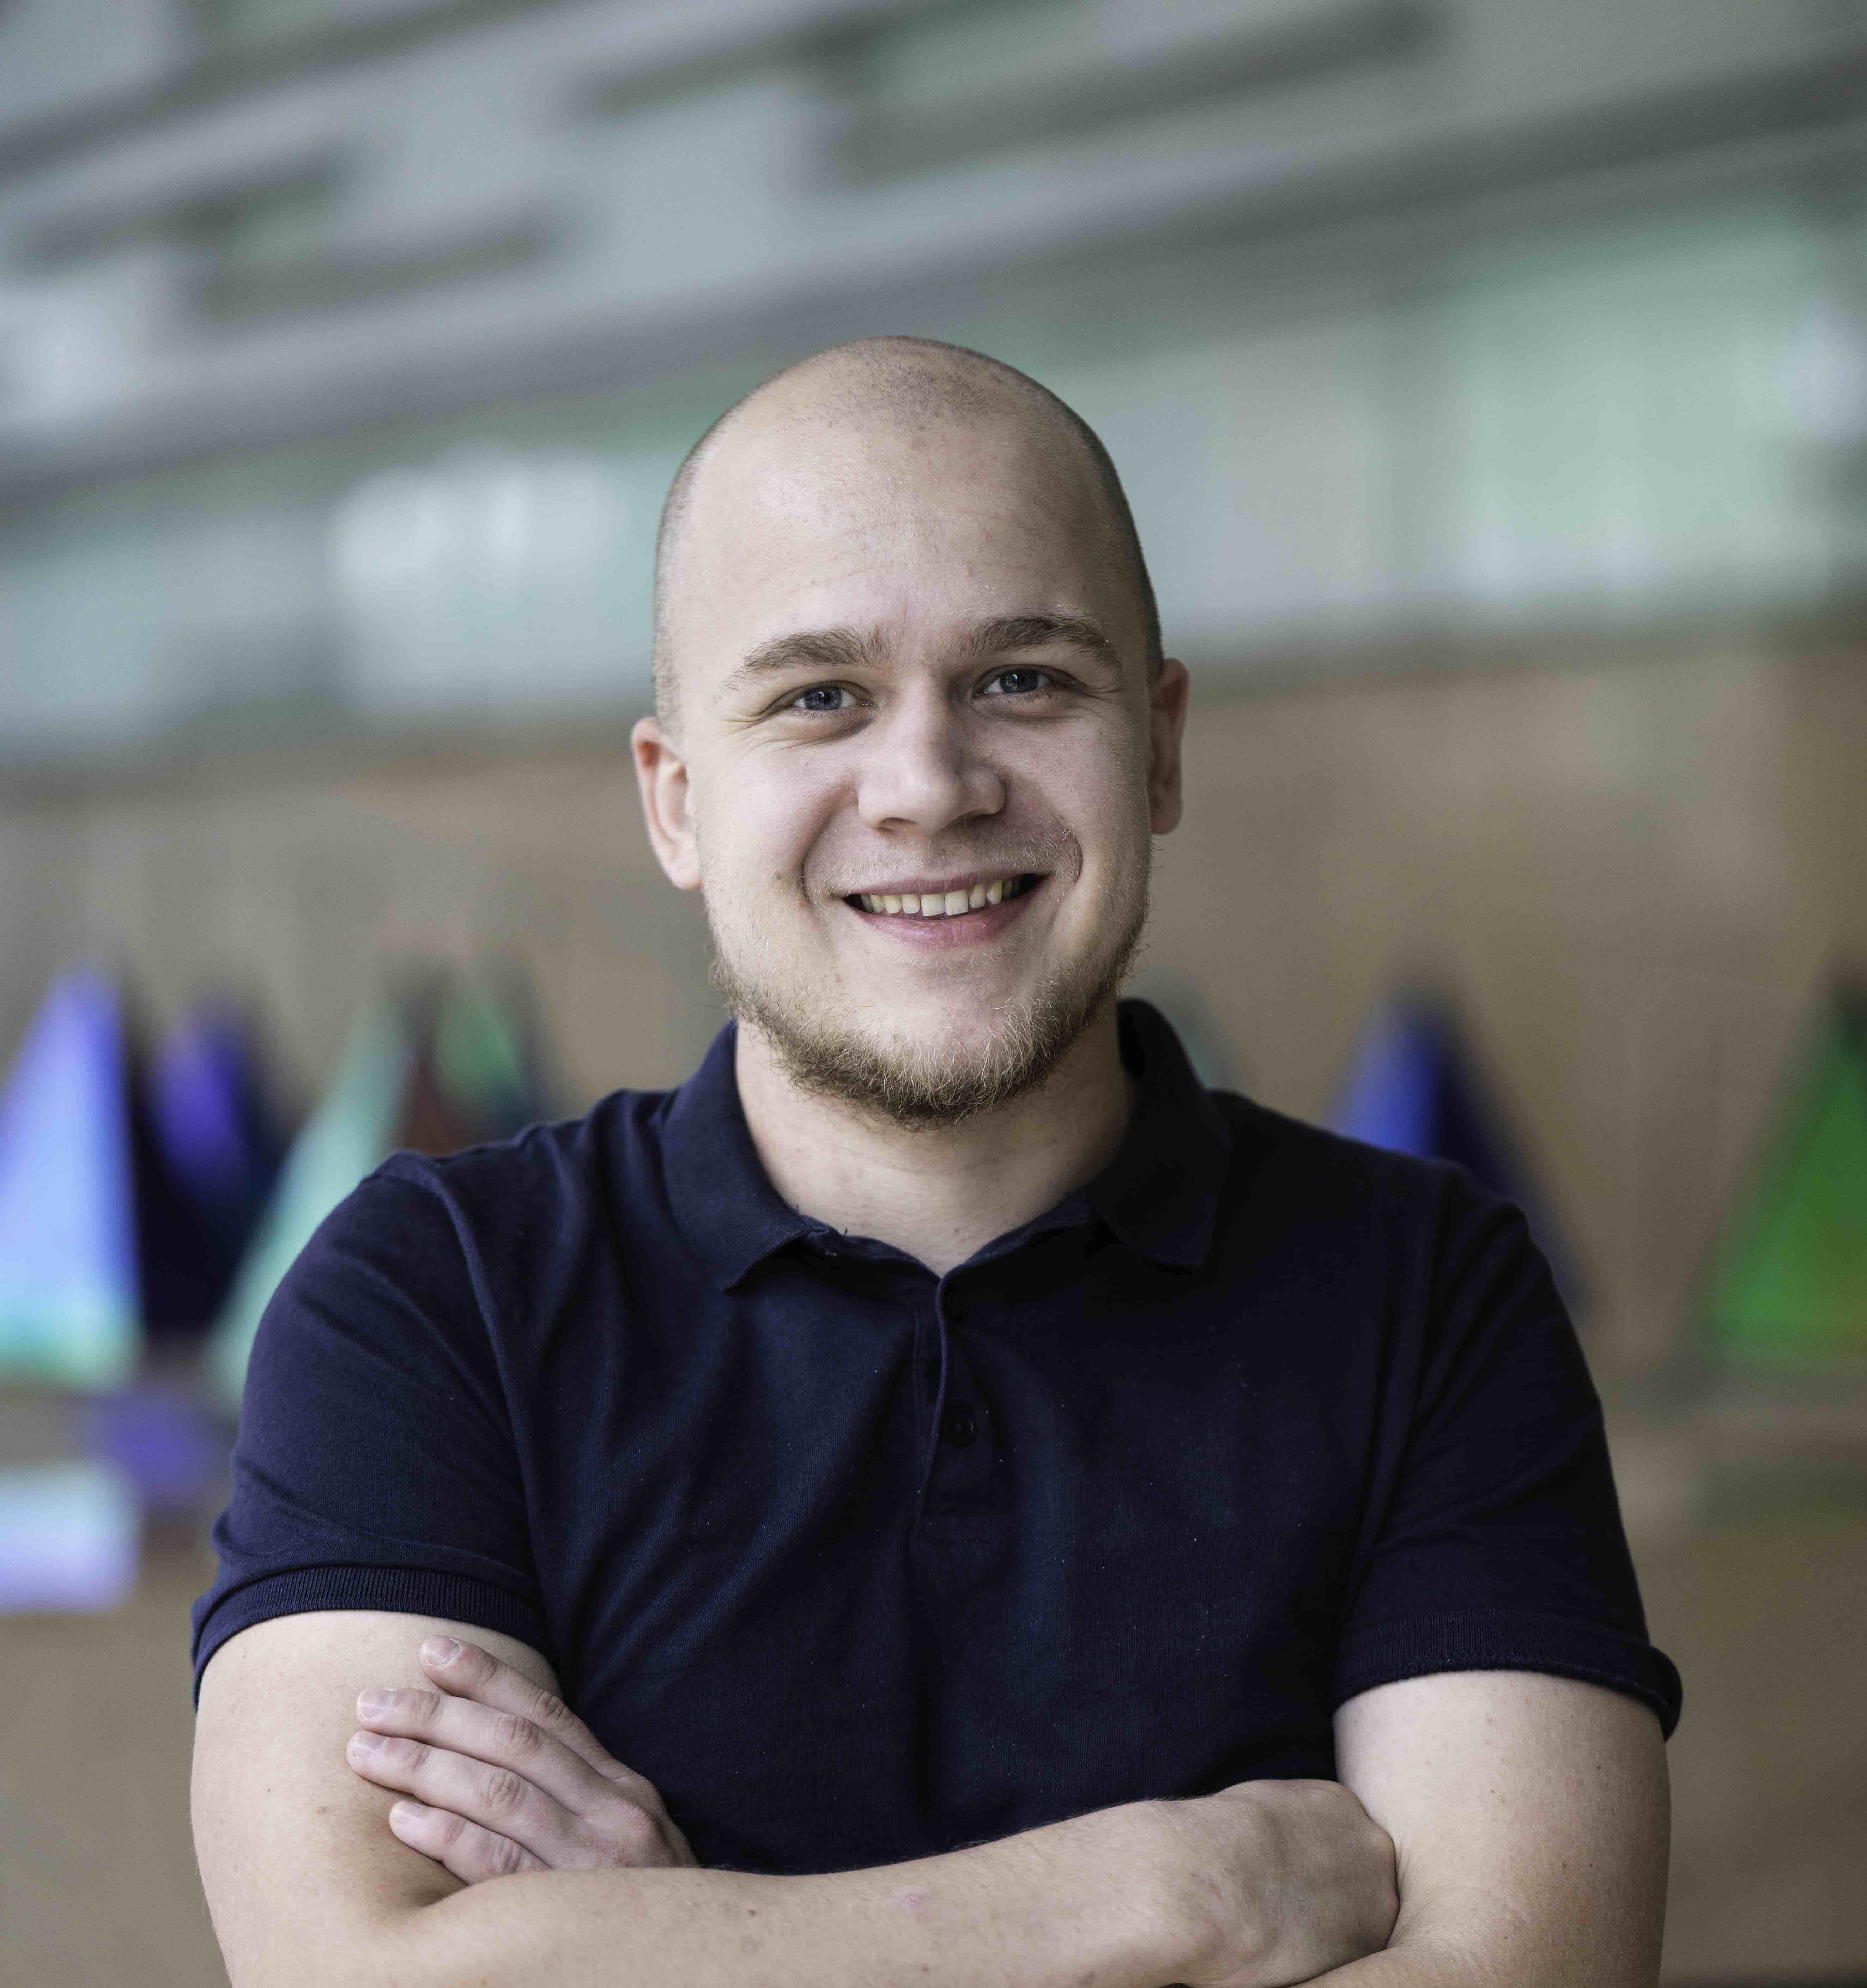 Maxsim Makarenko